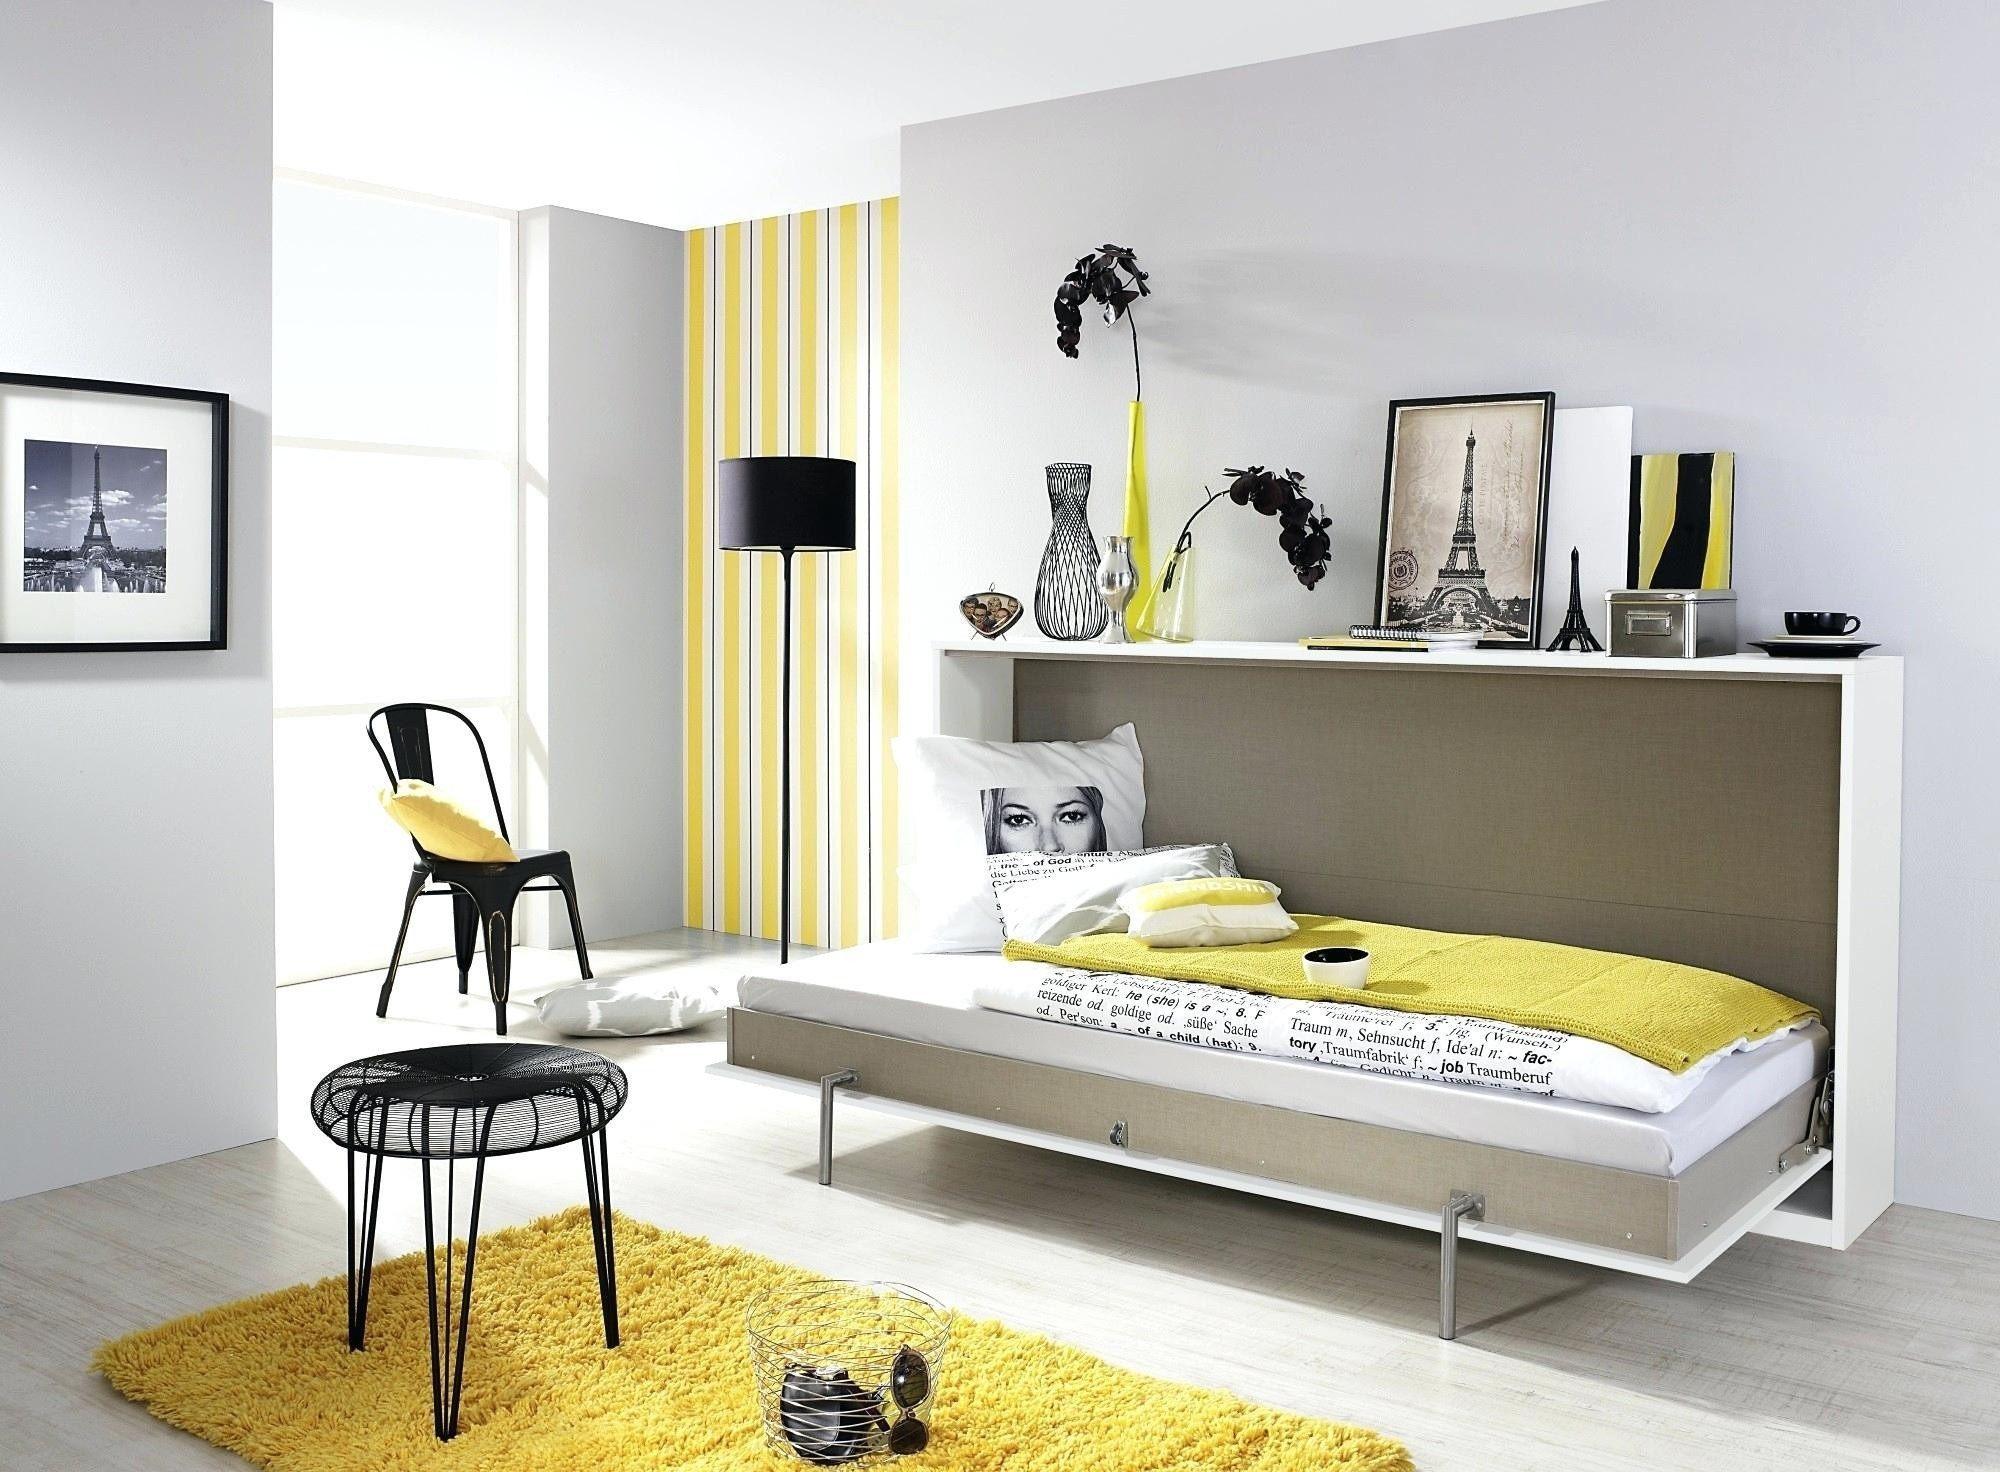 Ikea Lits Superposés Magnifique Décorateur D Intérieur Ikea